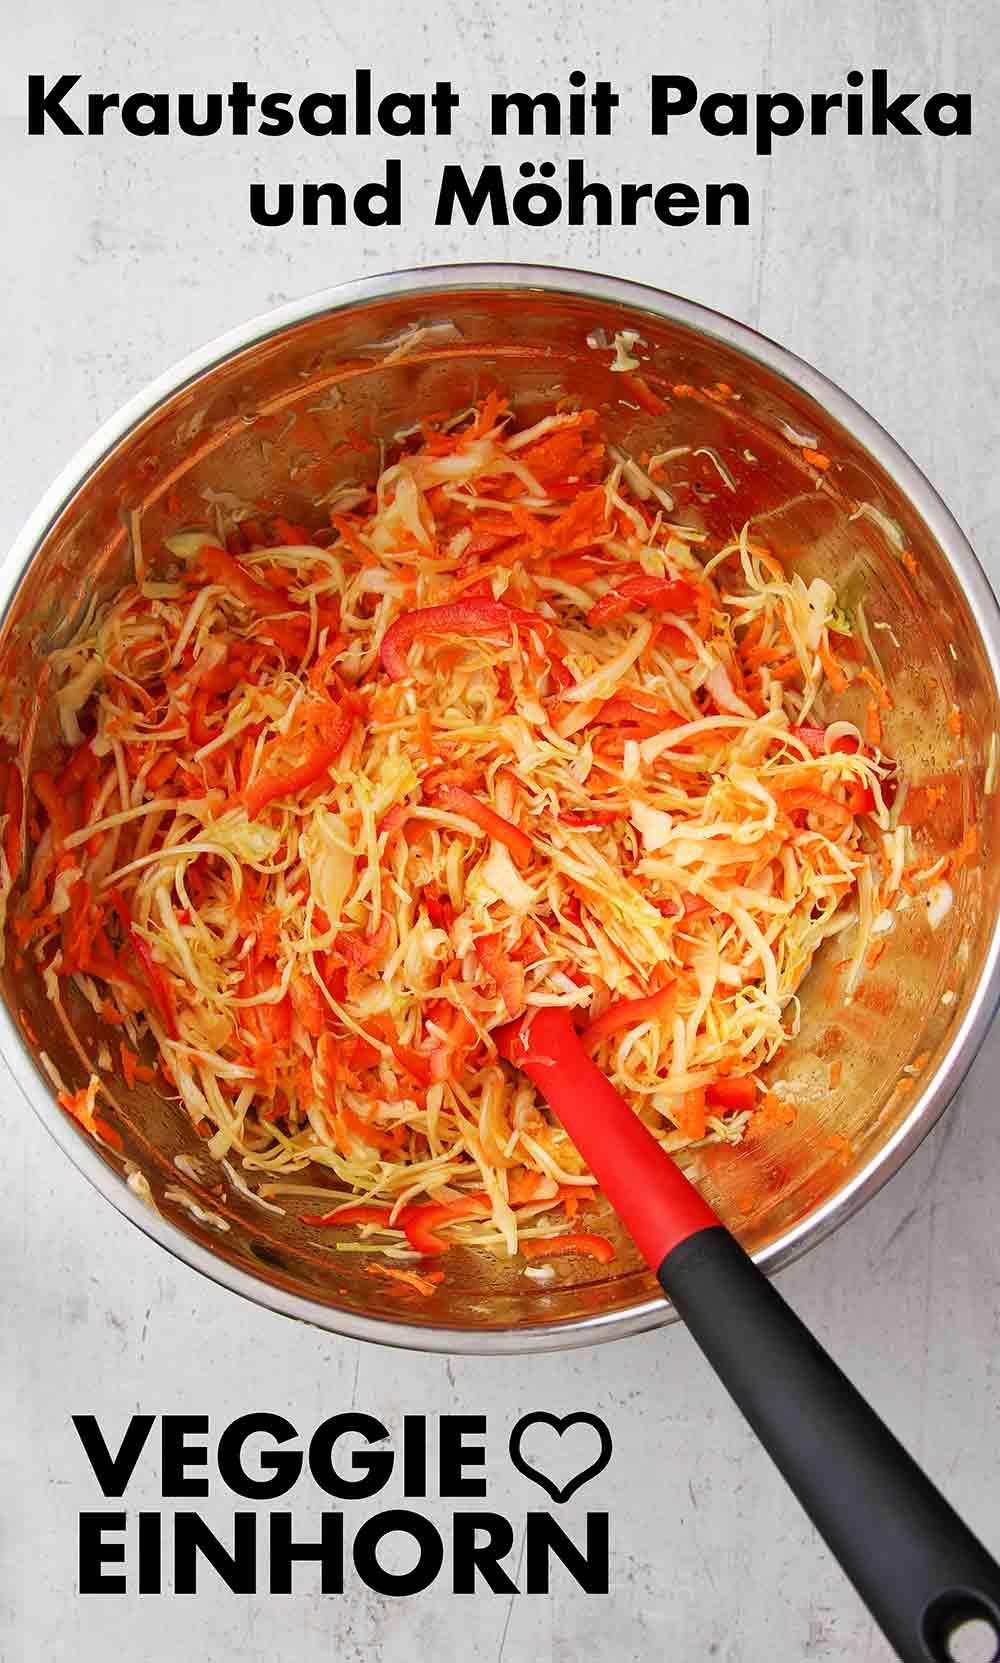 Eine Schüssel mit Krautsalat mit Paprika und Möhren